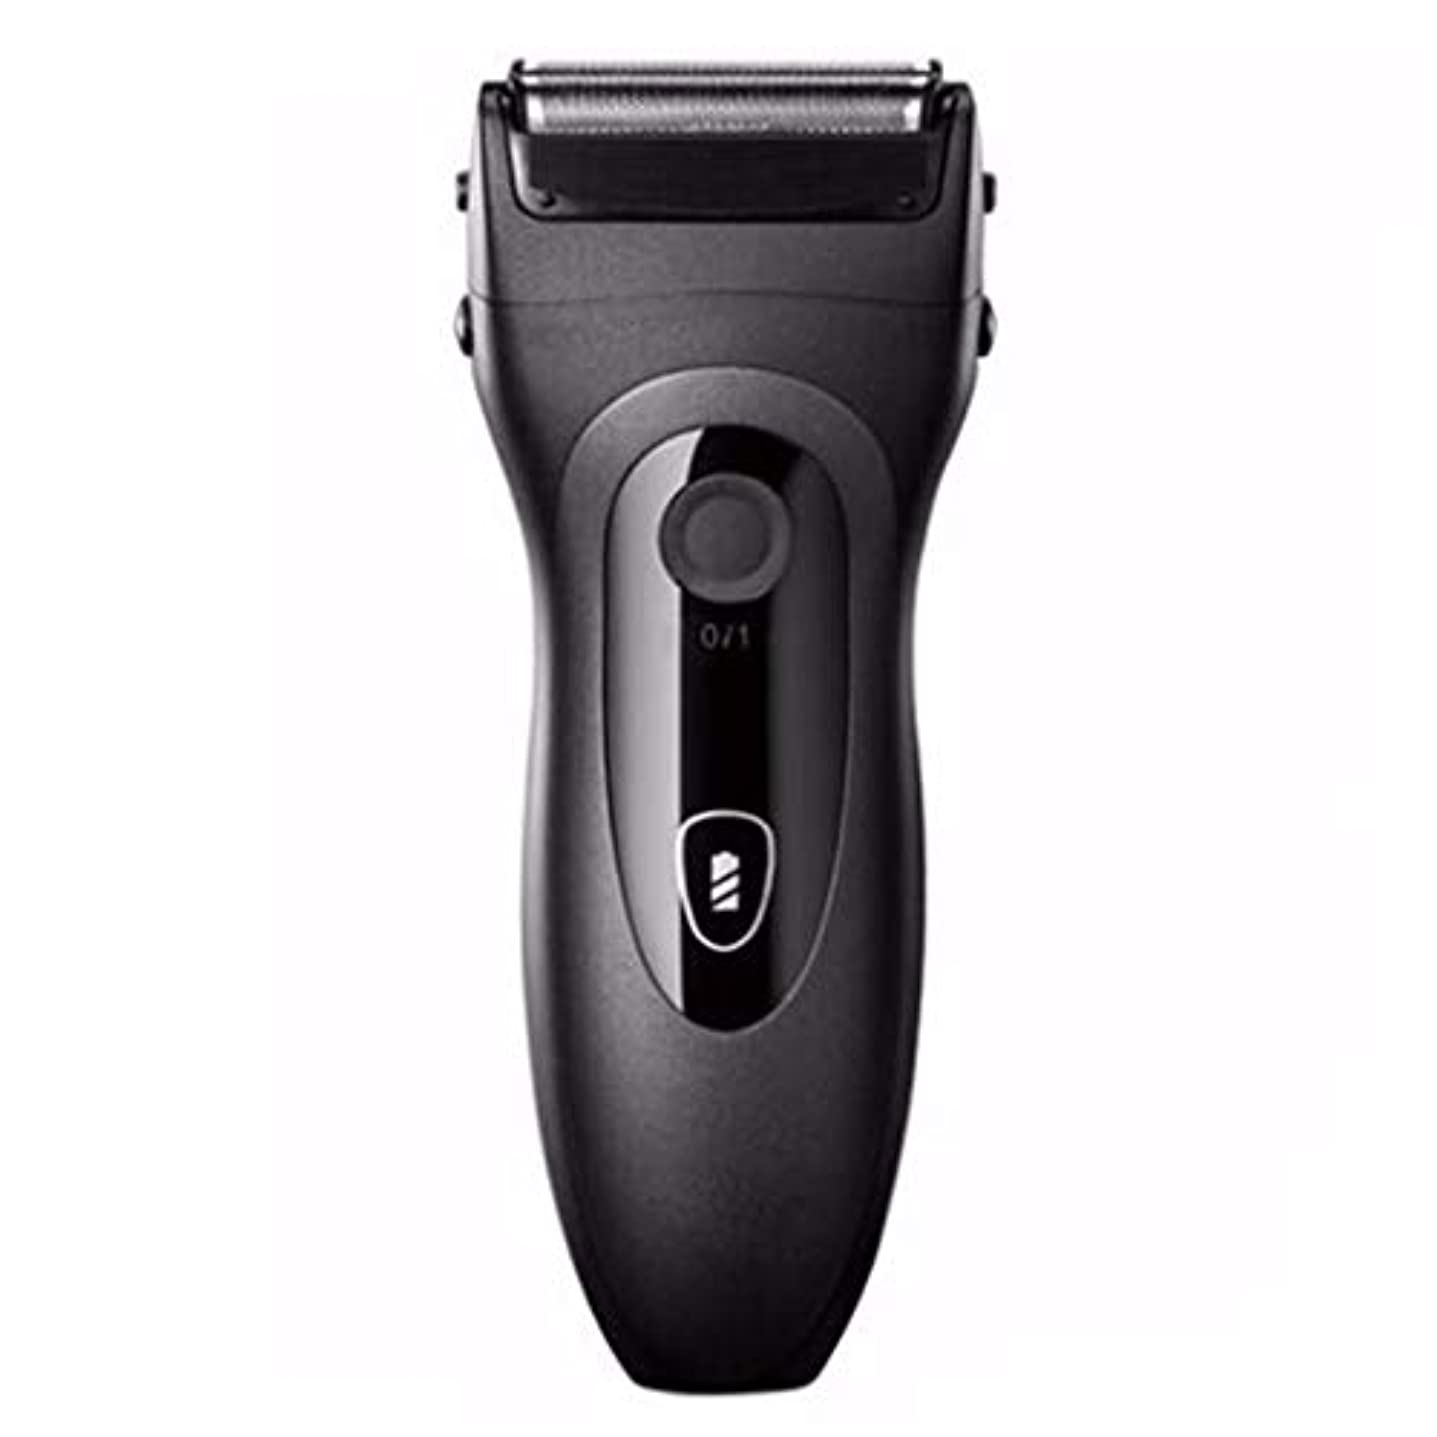 付添人メタン硫黄ひげそり 電動 メンズシェーバー,往復式 髭剃り 電気シェーバー USB充電式 IPX7防水 電気シェーバー ディスプレイ お風呂剃りドライ両用 人気プレゼント